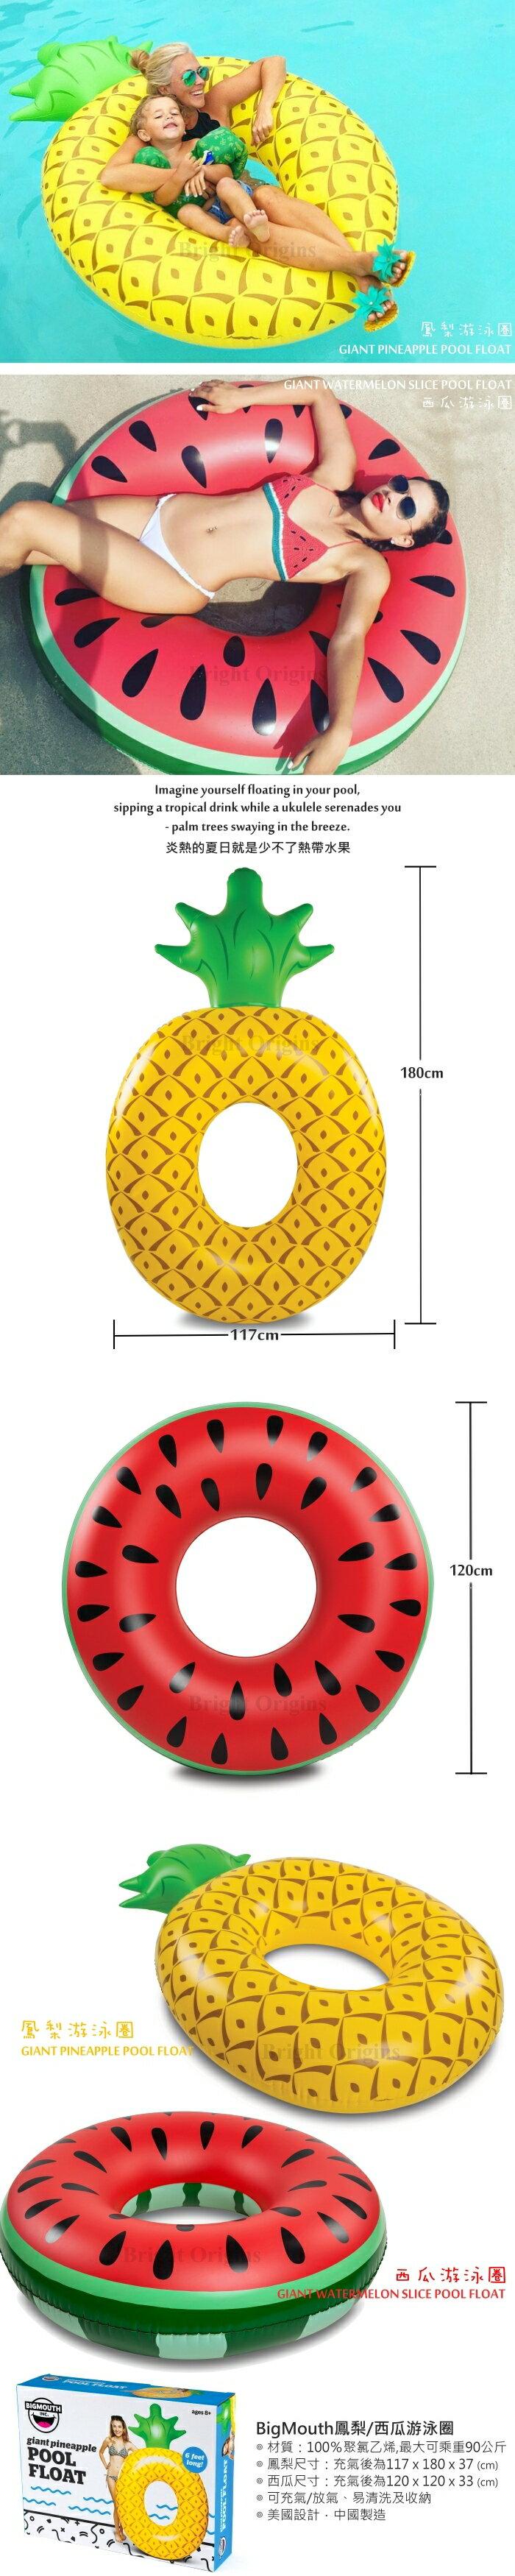 【美國BIGMOUTH】造型泳圈 西瓜款 ((團購省運費)) 5